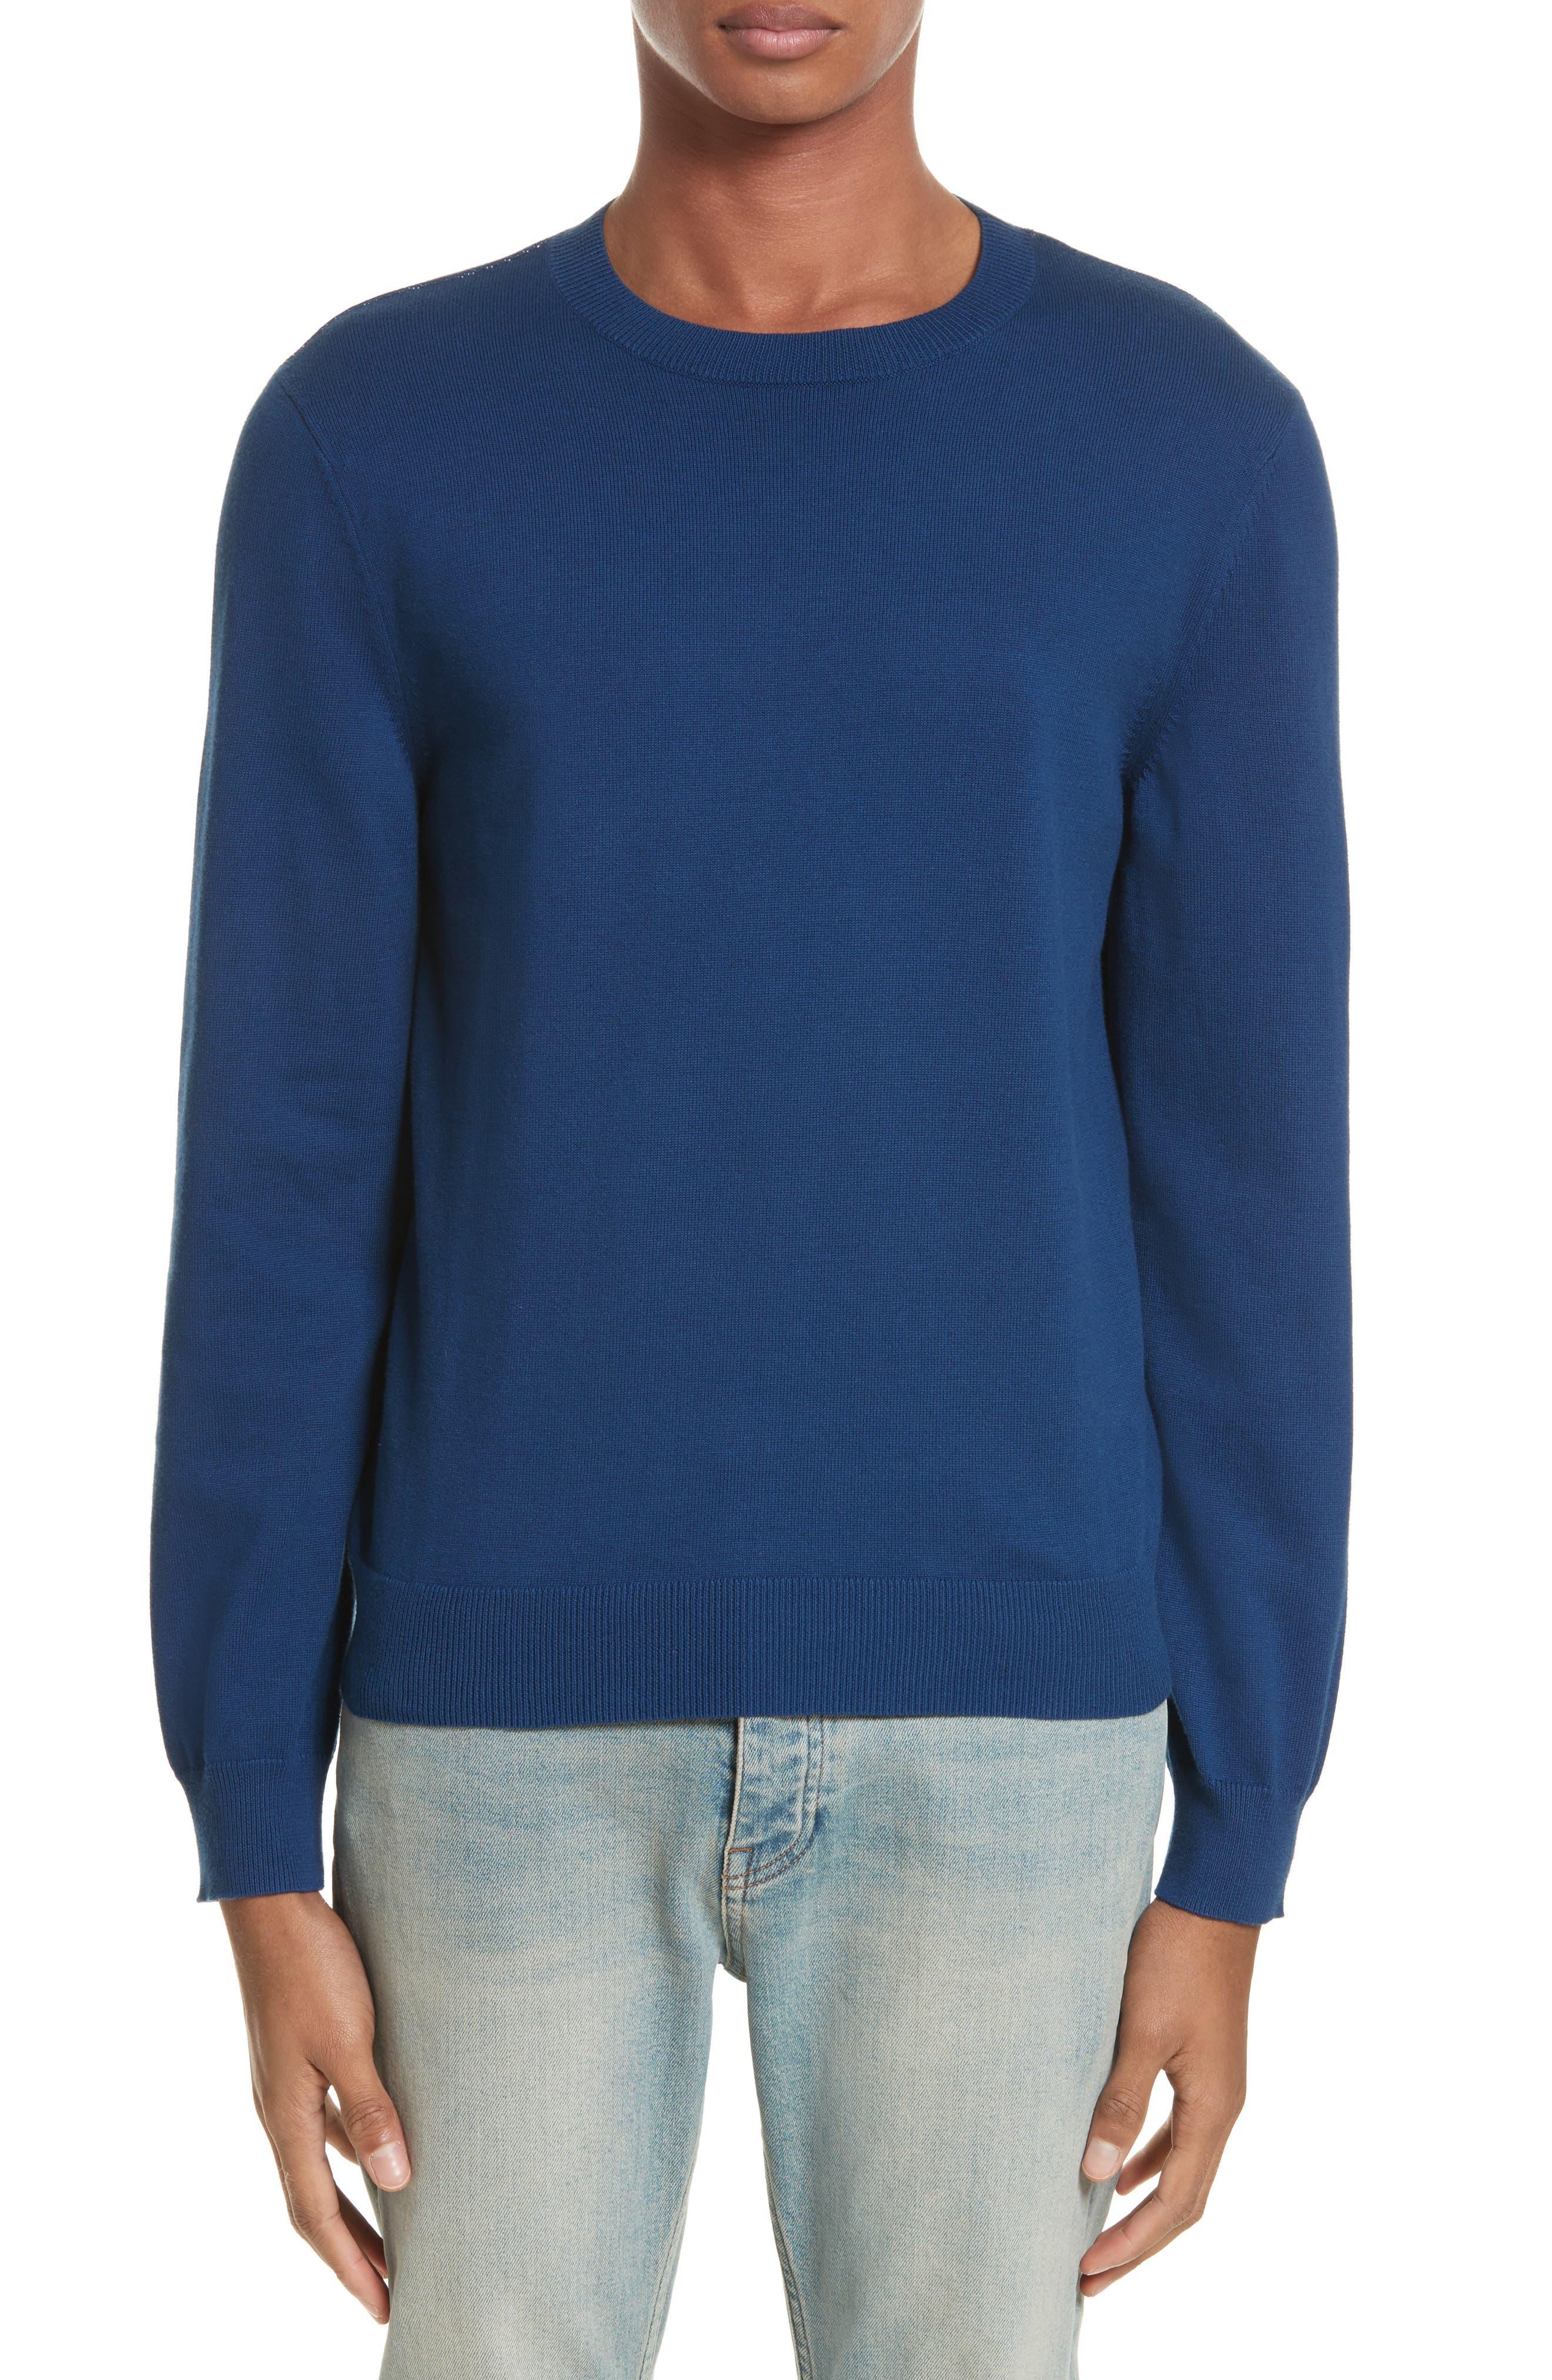 CIA Crewneck Sweater,                             Main thumbnail 1, color,                             Bleu Fonce Iah